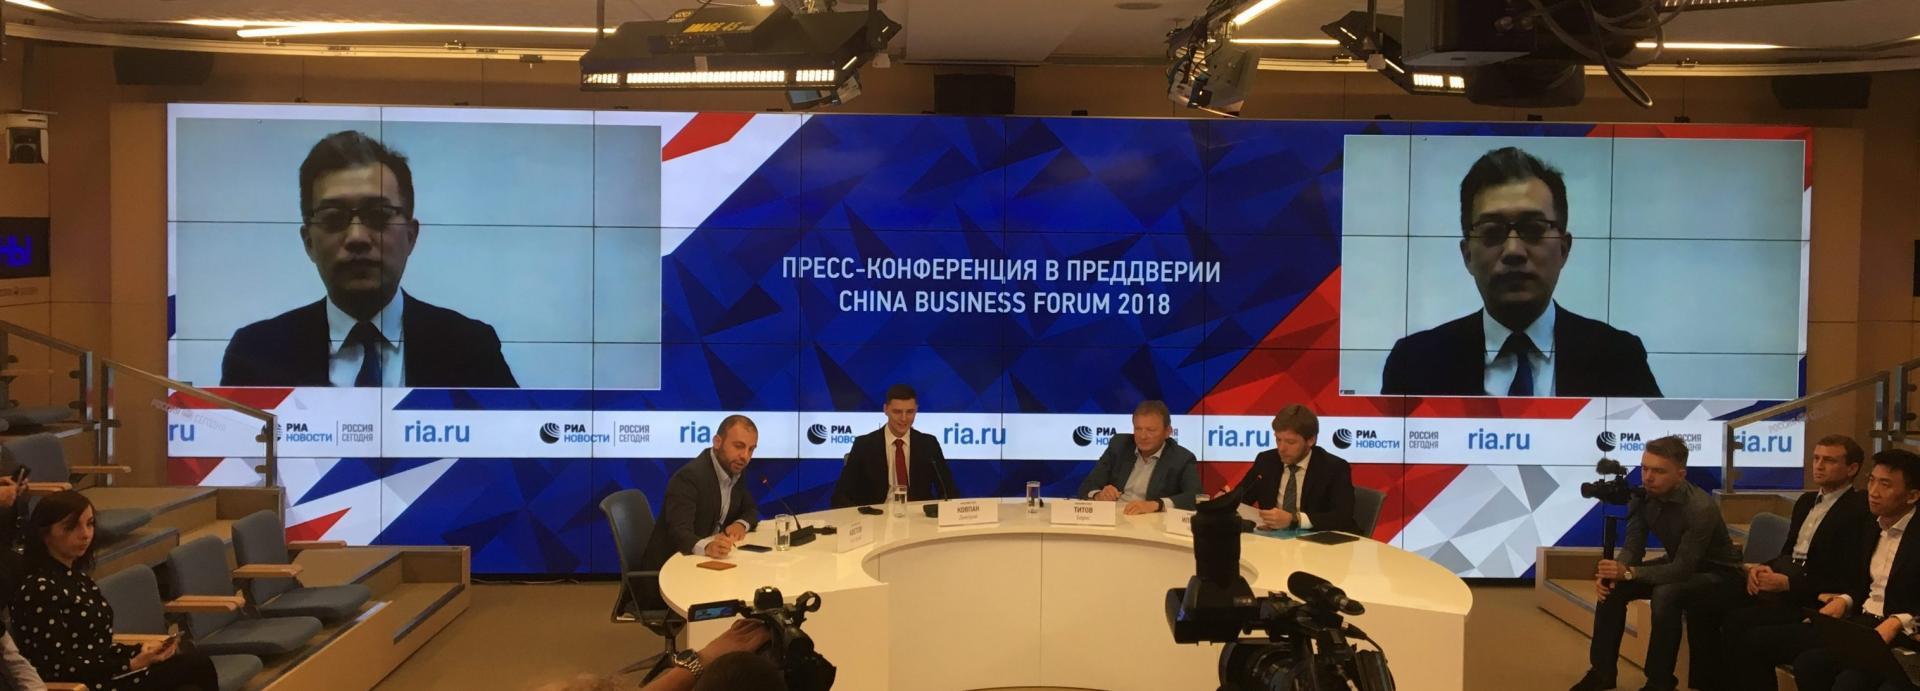 Пресс-конференция China Business Forum в студии РИА Новостей